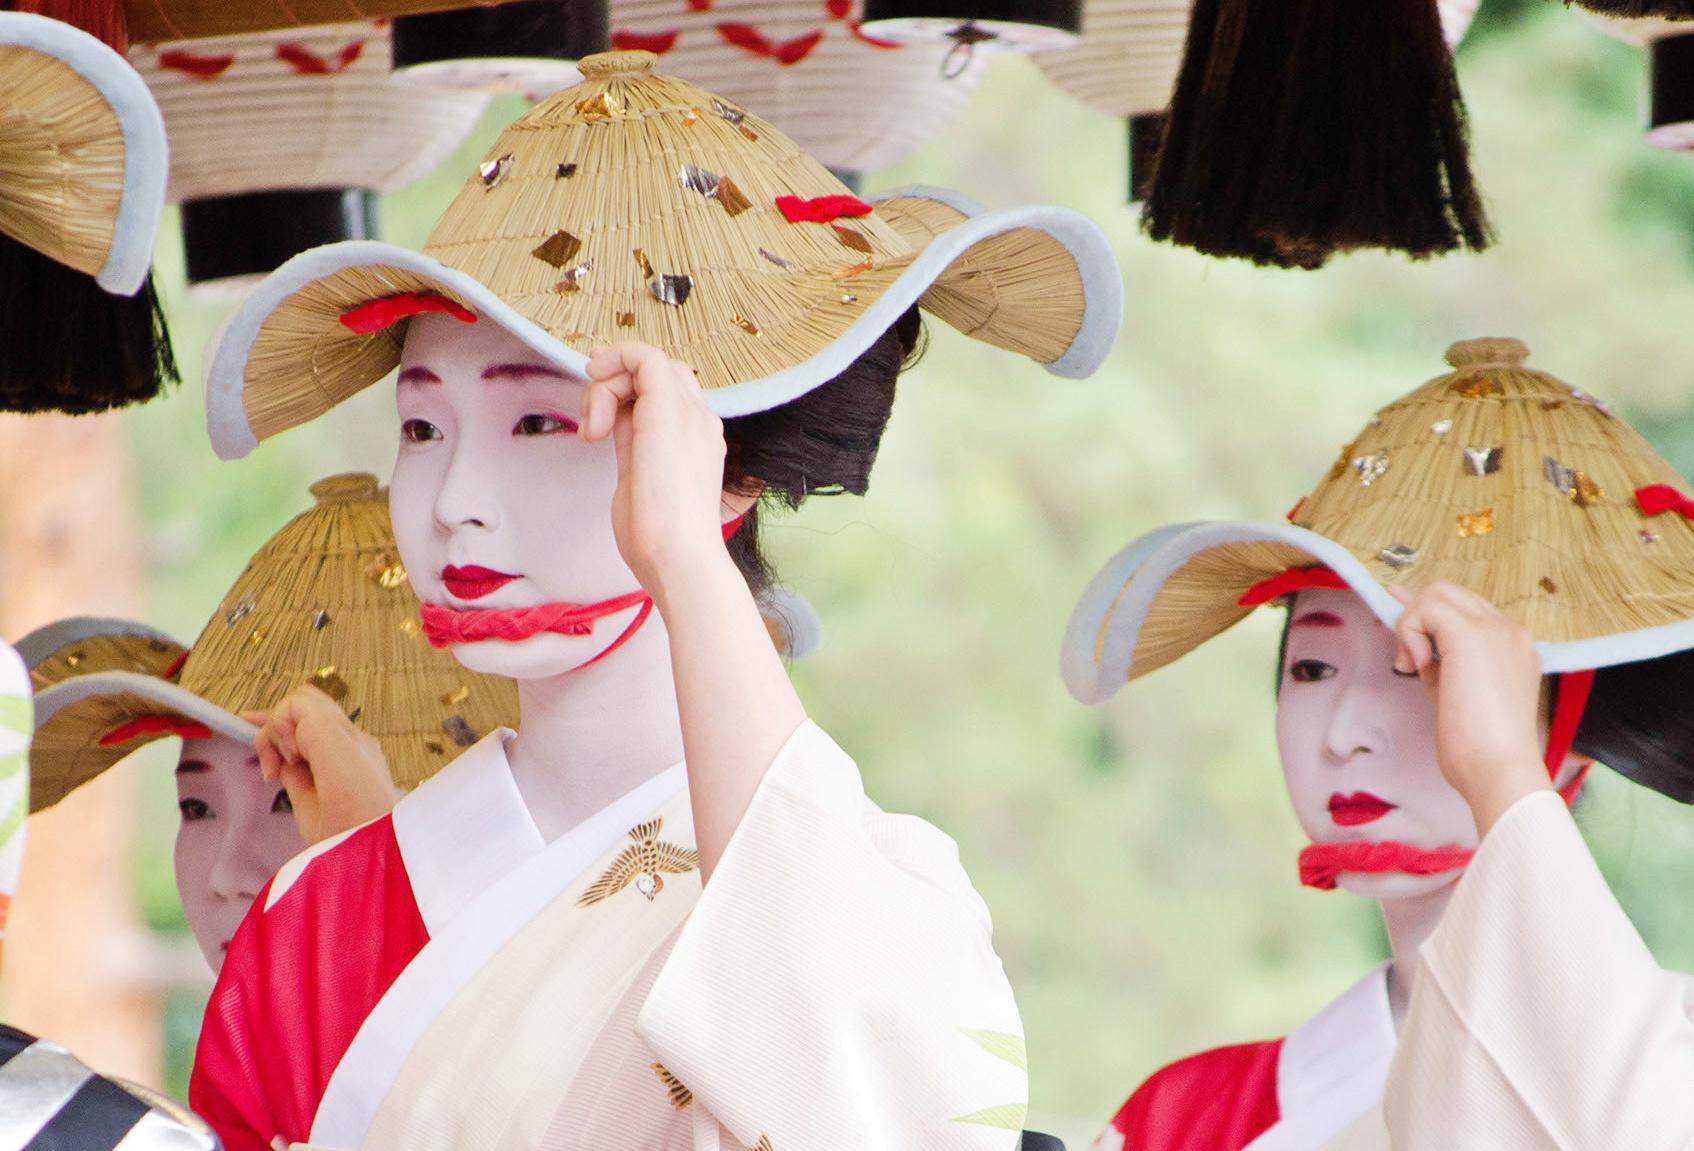 Maiko (apprentice geisha) perform together.